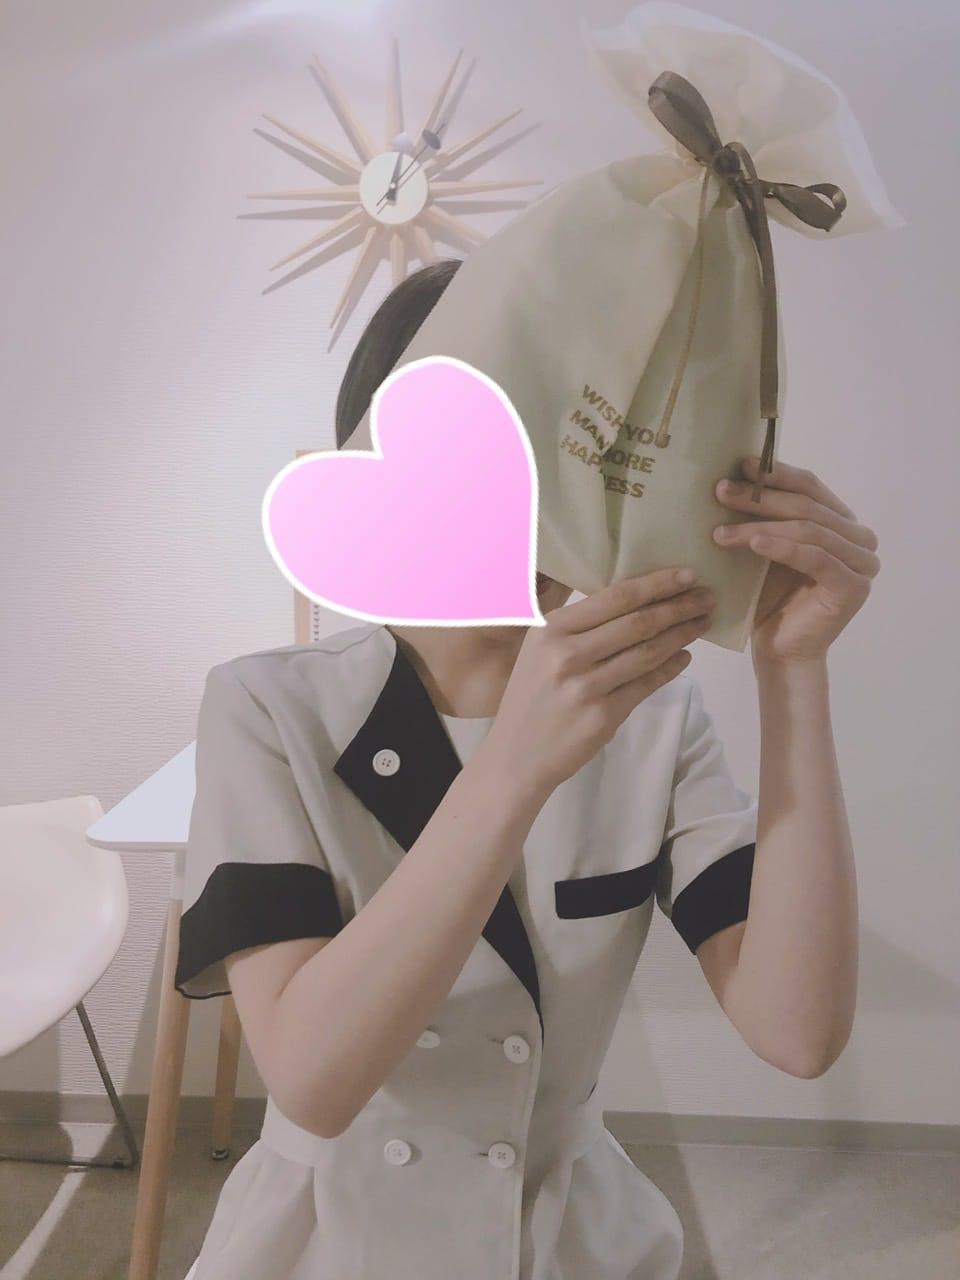 「出勤しました♪ 昨日のお礼♡」05/06(木) 13:30   大塚ゆいの写メ日記